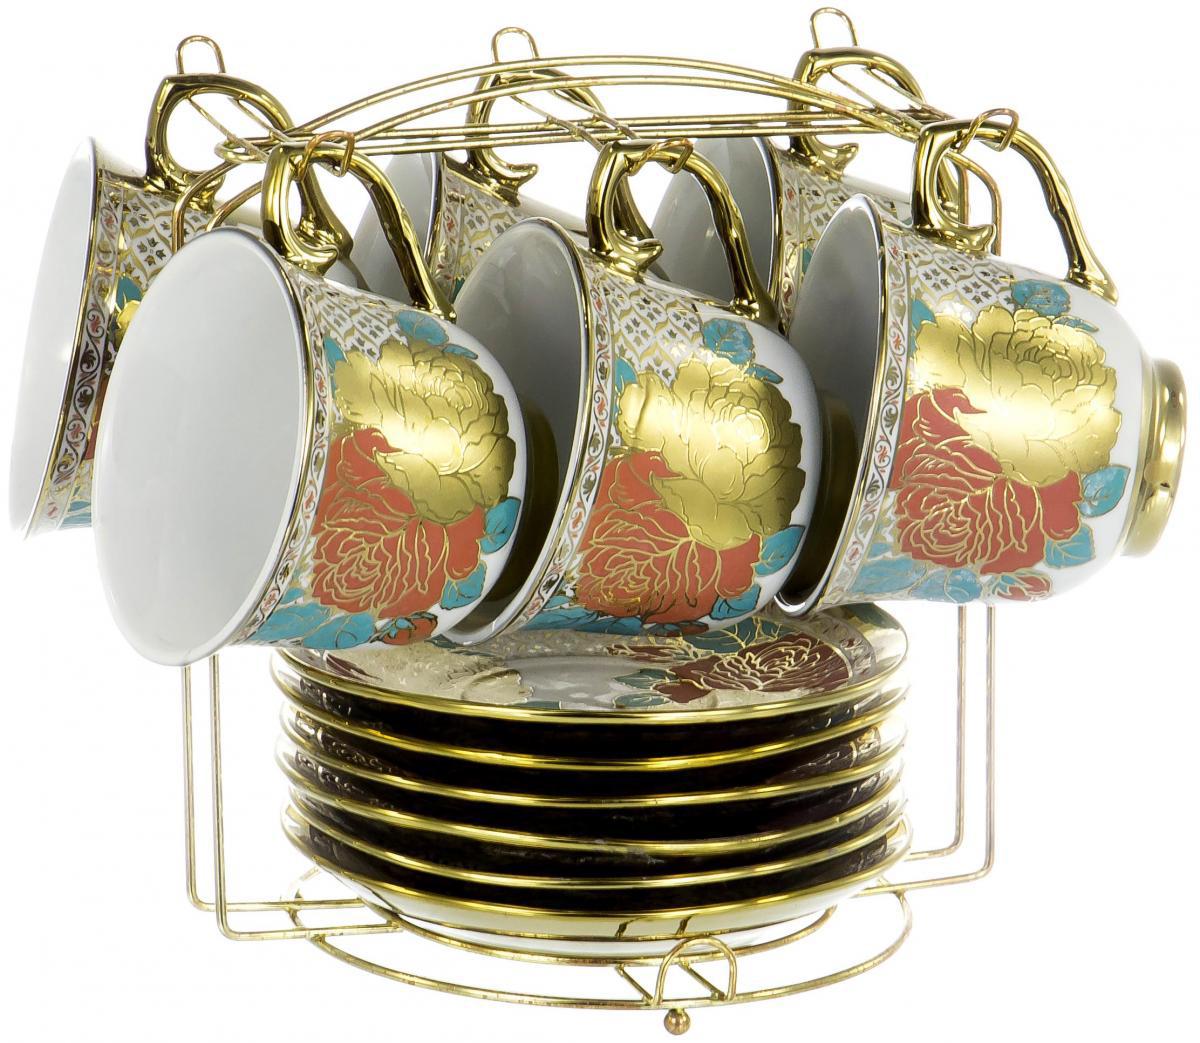 Набор чайный Olaff Цветы, 12 предметов. YSG-12MS-B-003 чайный набор 4пр chance v 220мл керамика подарочная упаковка